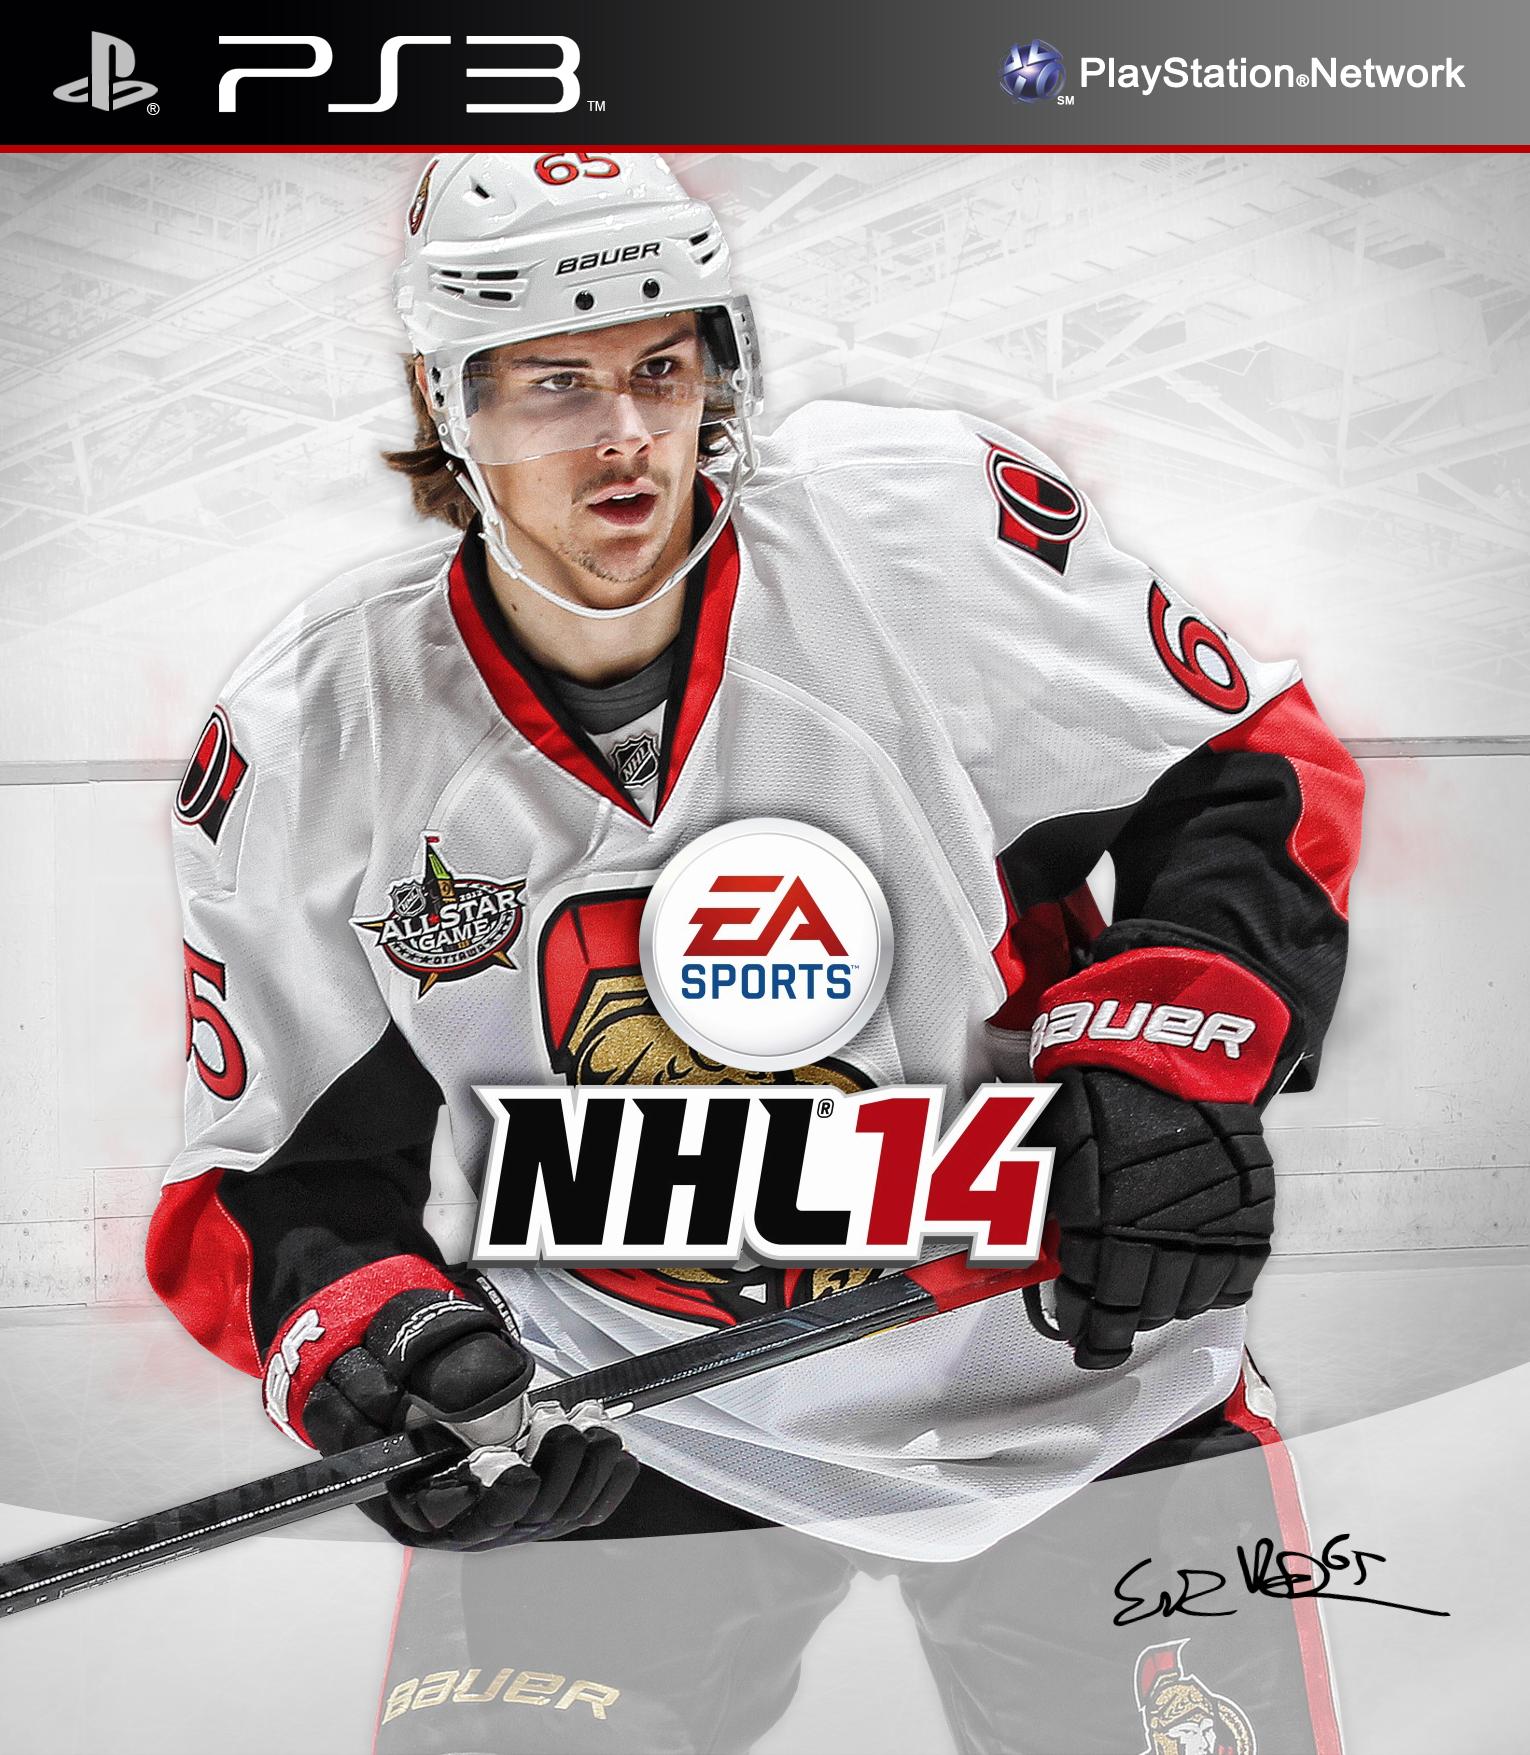 EA NHL 14 Custom Covers – PS3 | Turris, the Goal  Ottawa, the Win